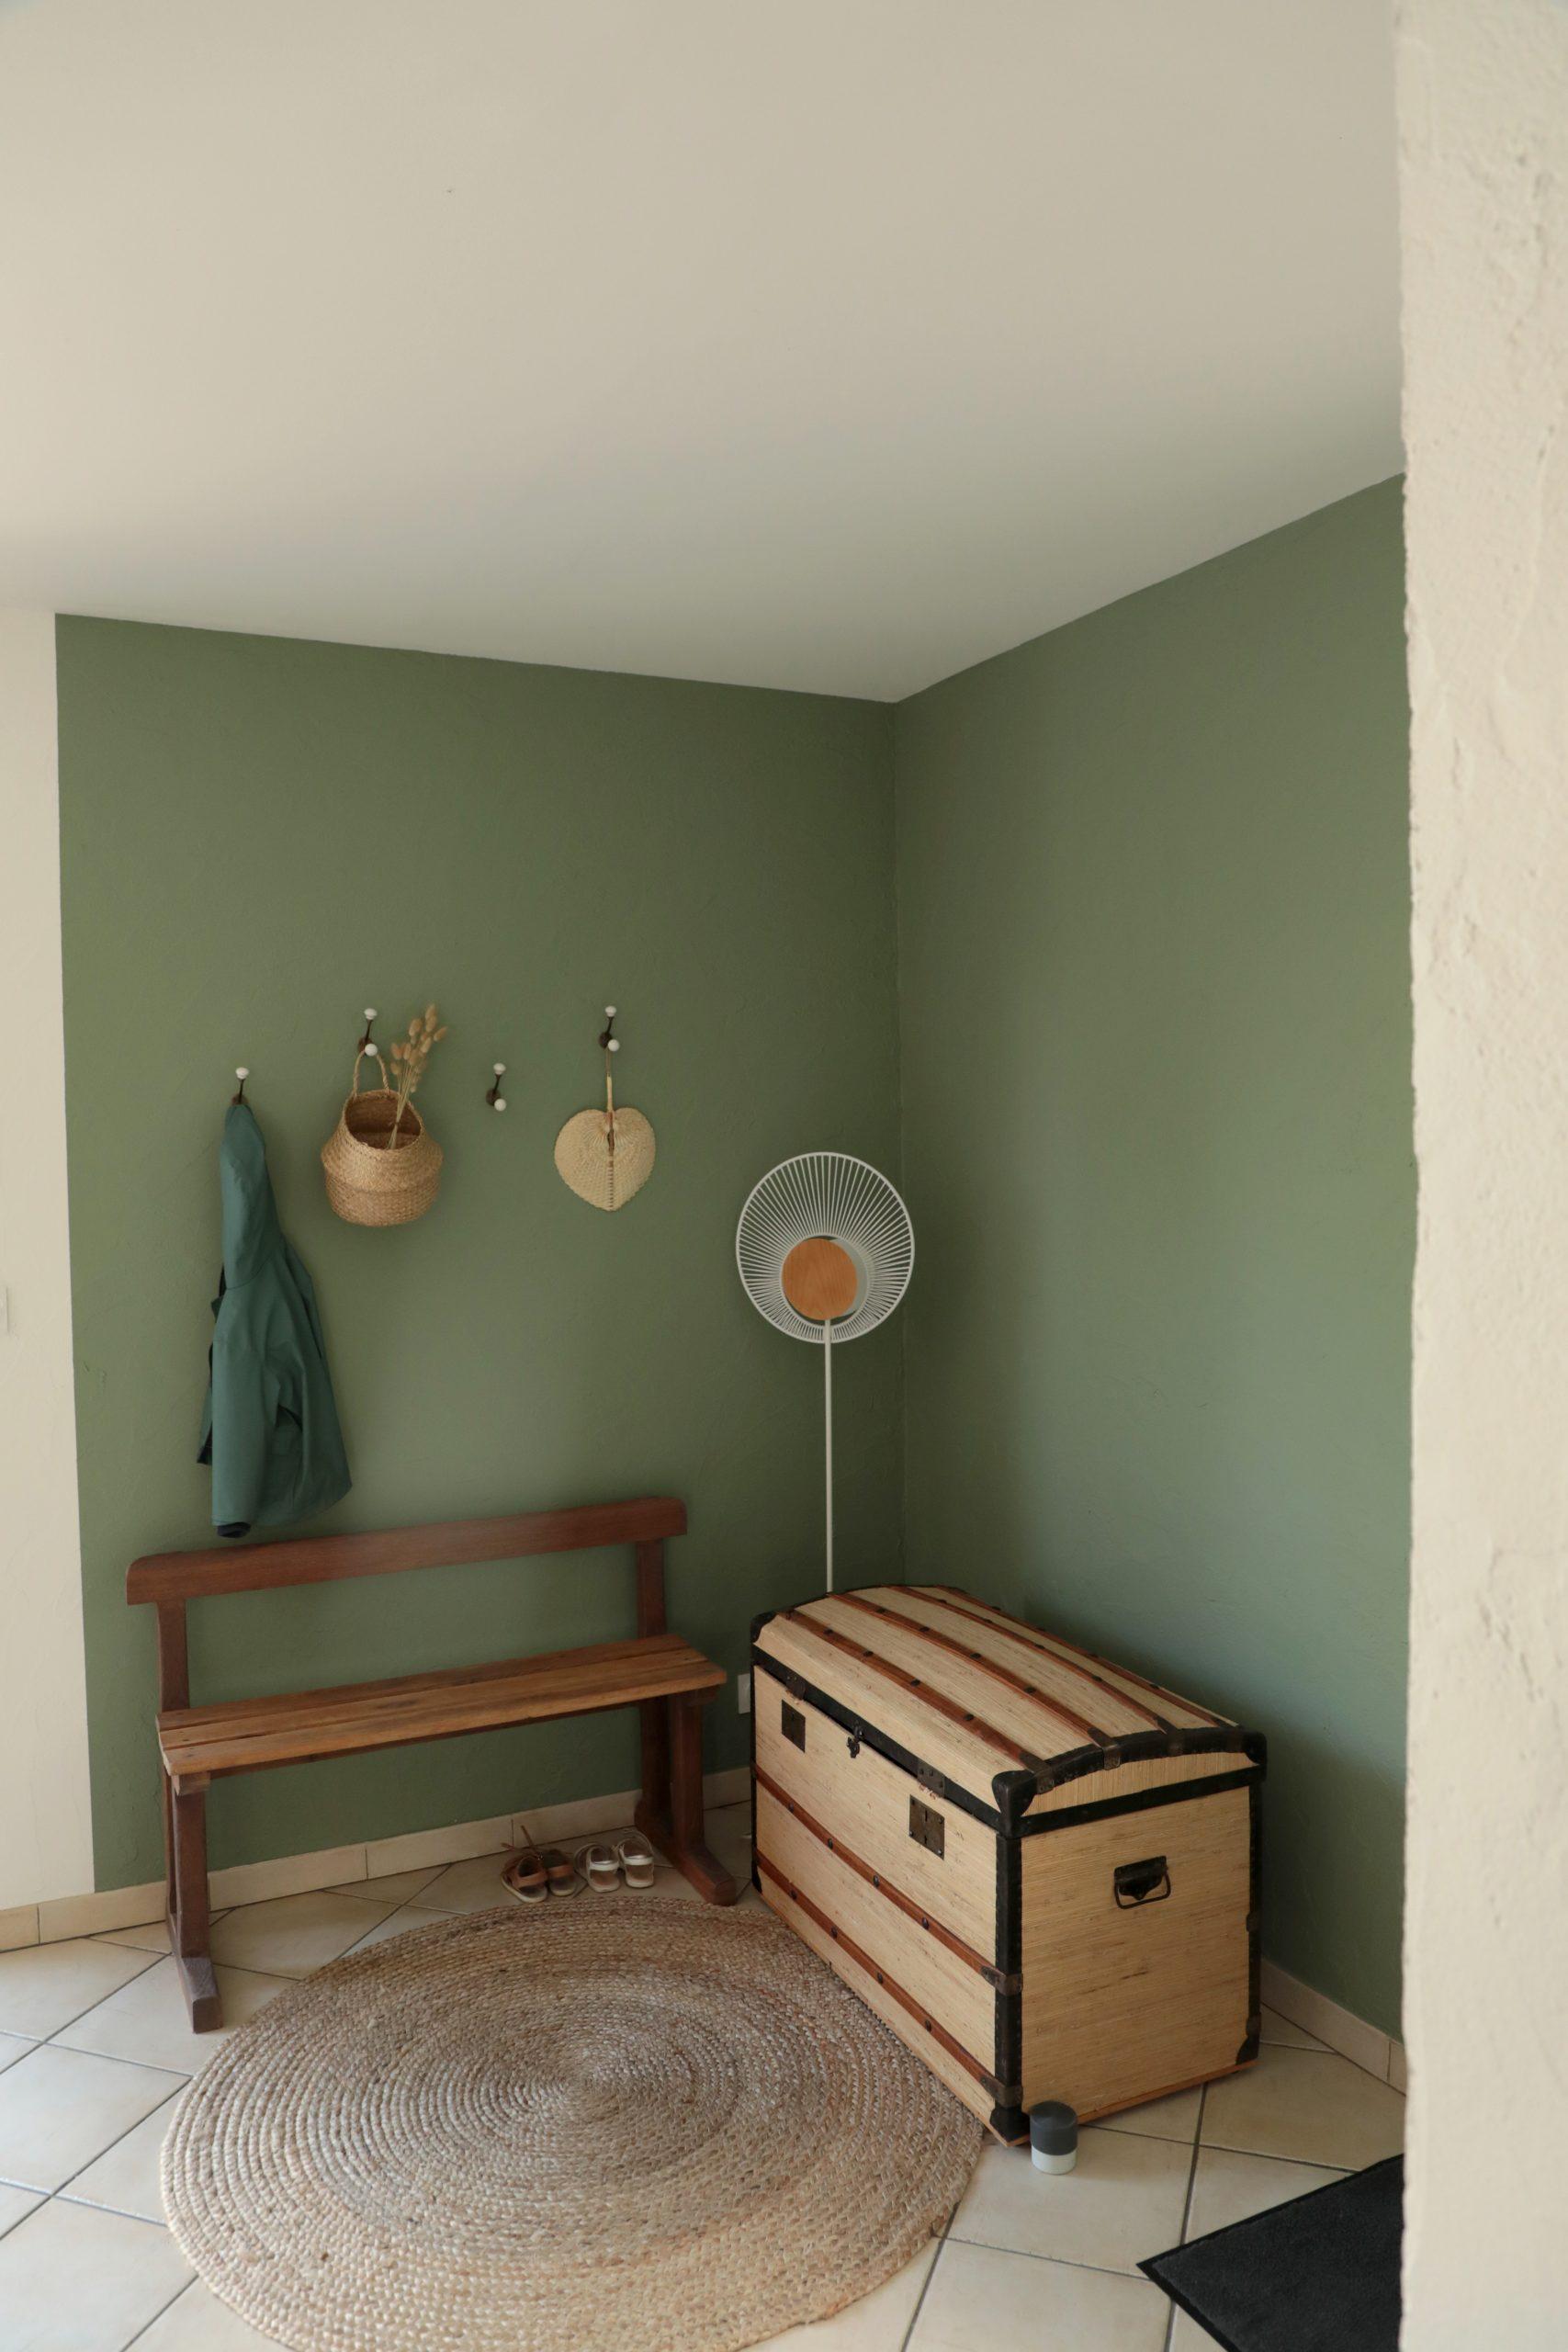 Décoration entrée vert et bois, esprit vintage